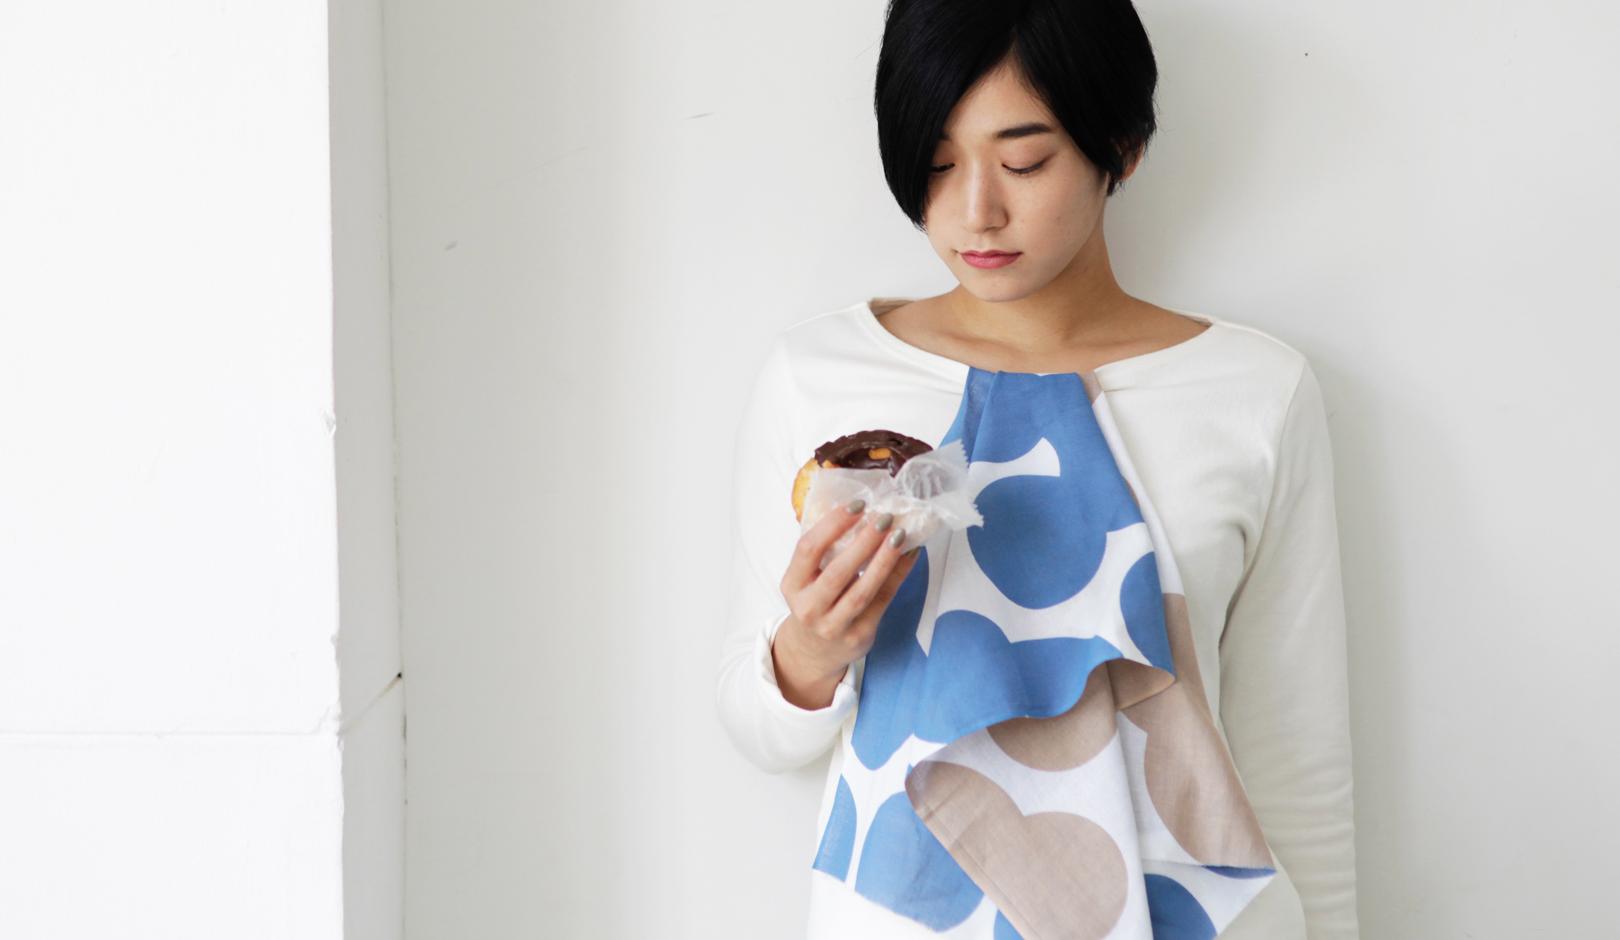 冬凪 - Fuyu-Nagi